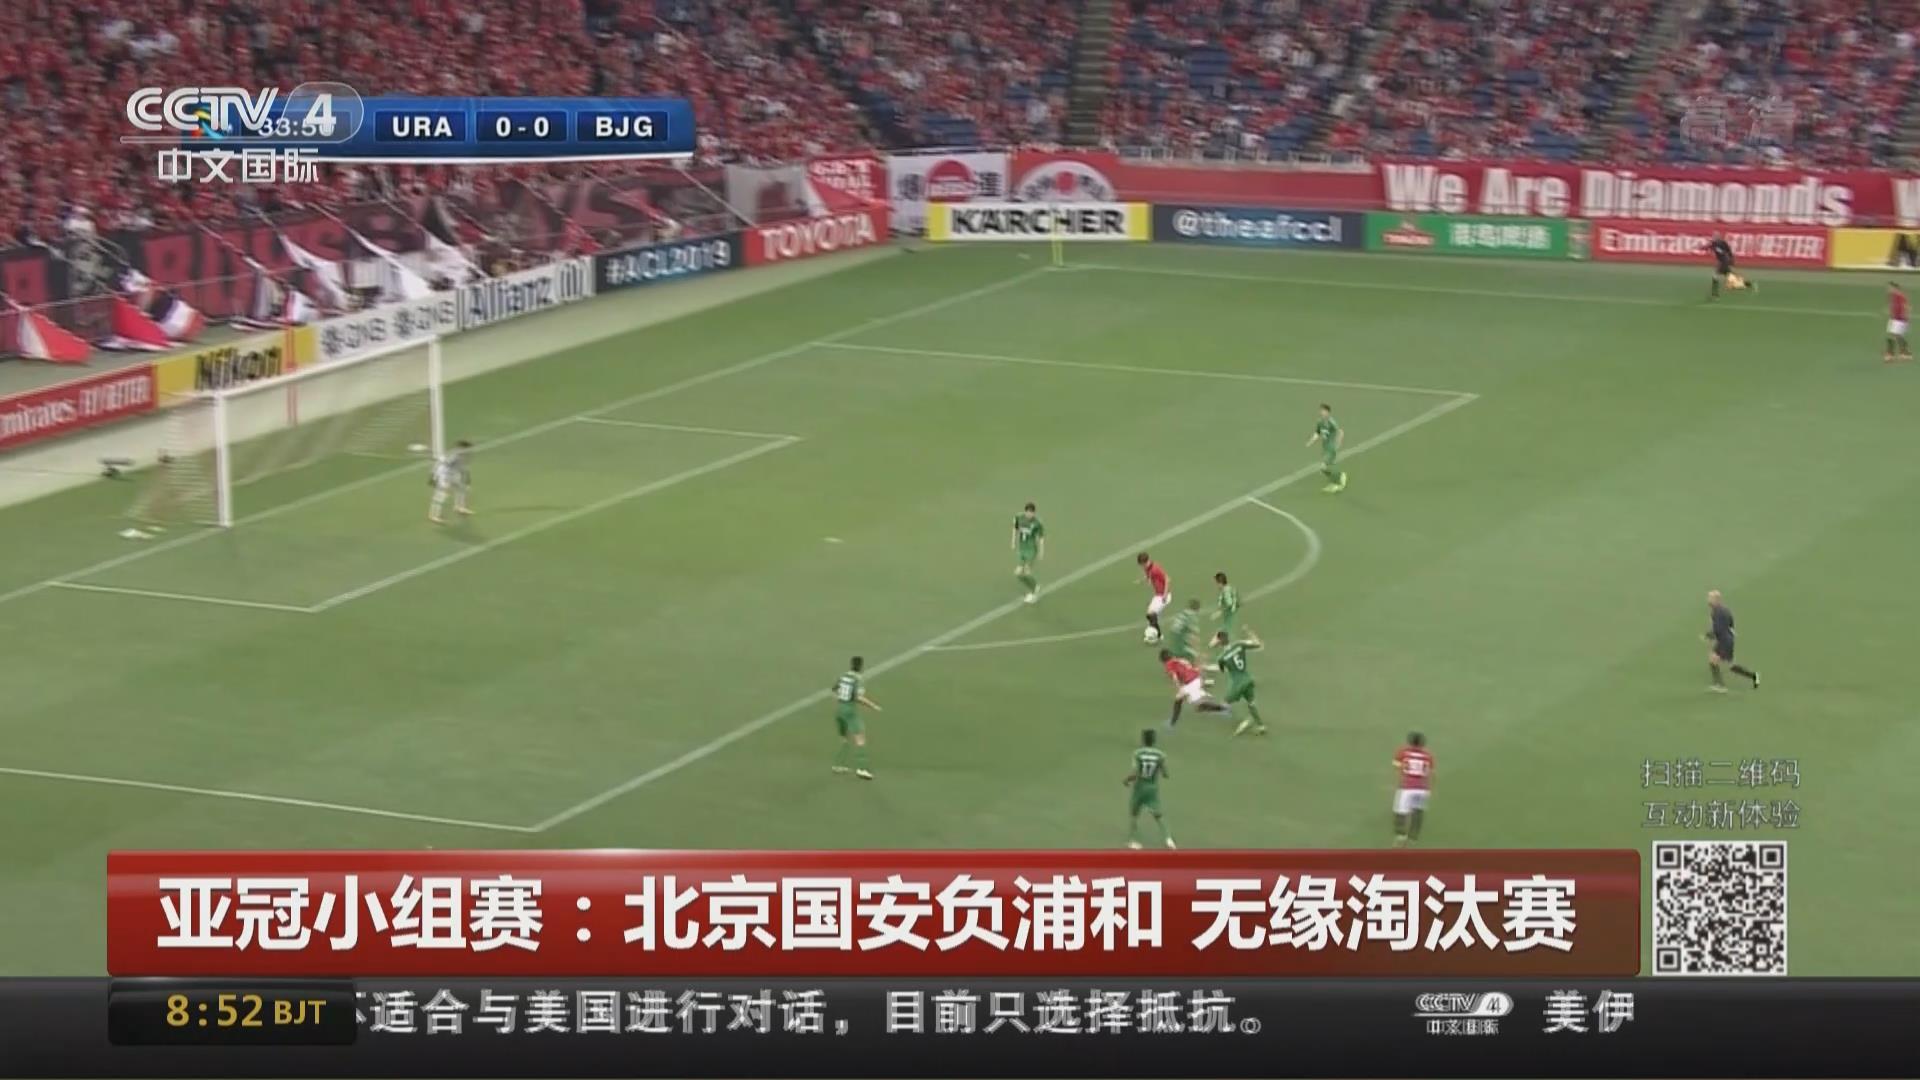 亞冠小組賽:北京國安負浦和 無緣淘汰賽